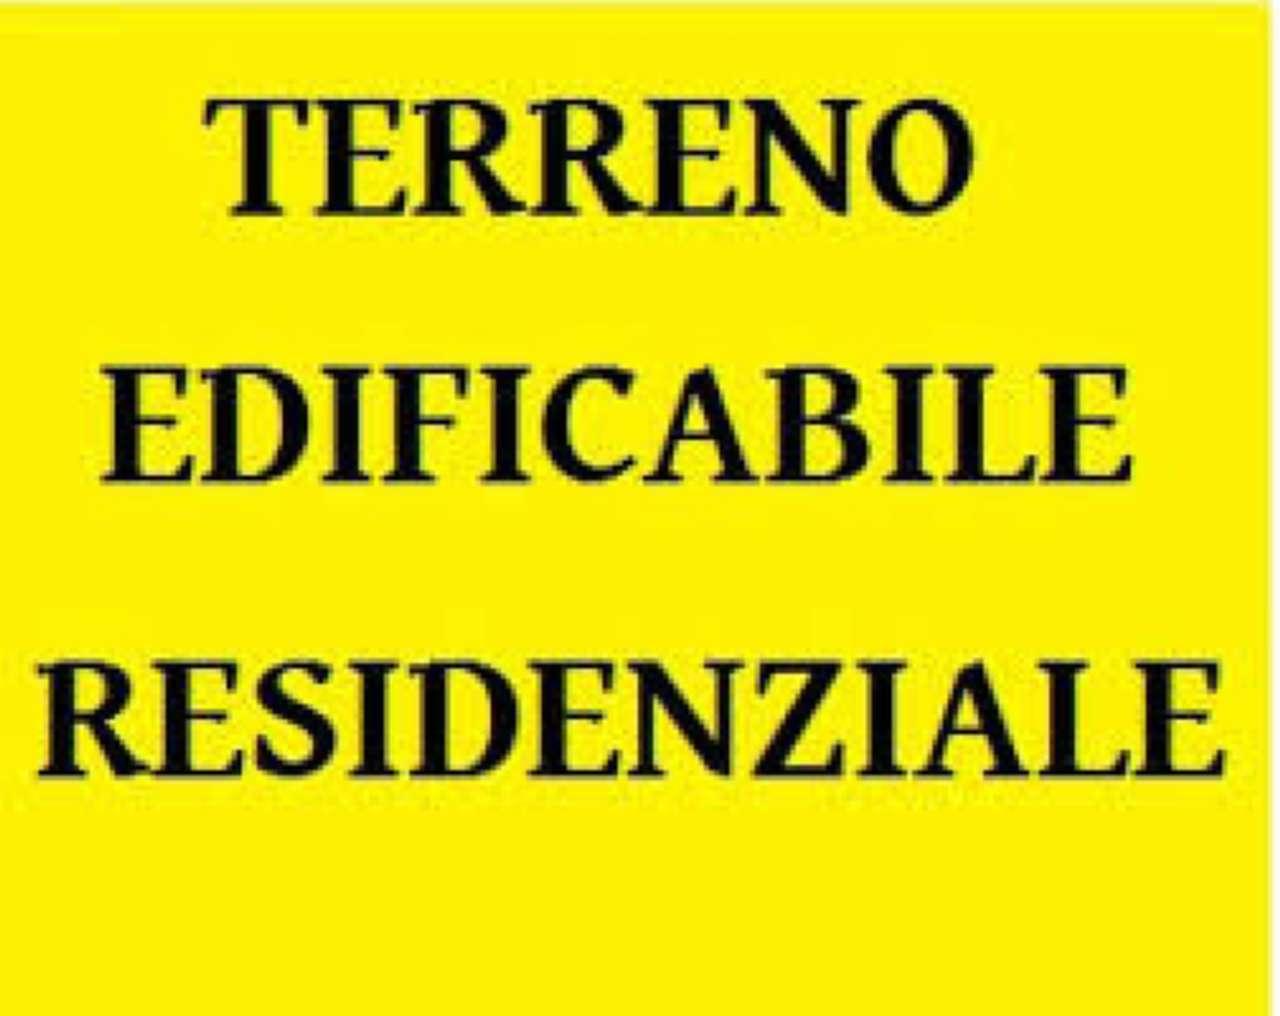 Terreno Edificabile Residenziale in vendita a Saccolongo, 9999 locali, prezzo € 95.000 | CambioCasa.it